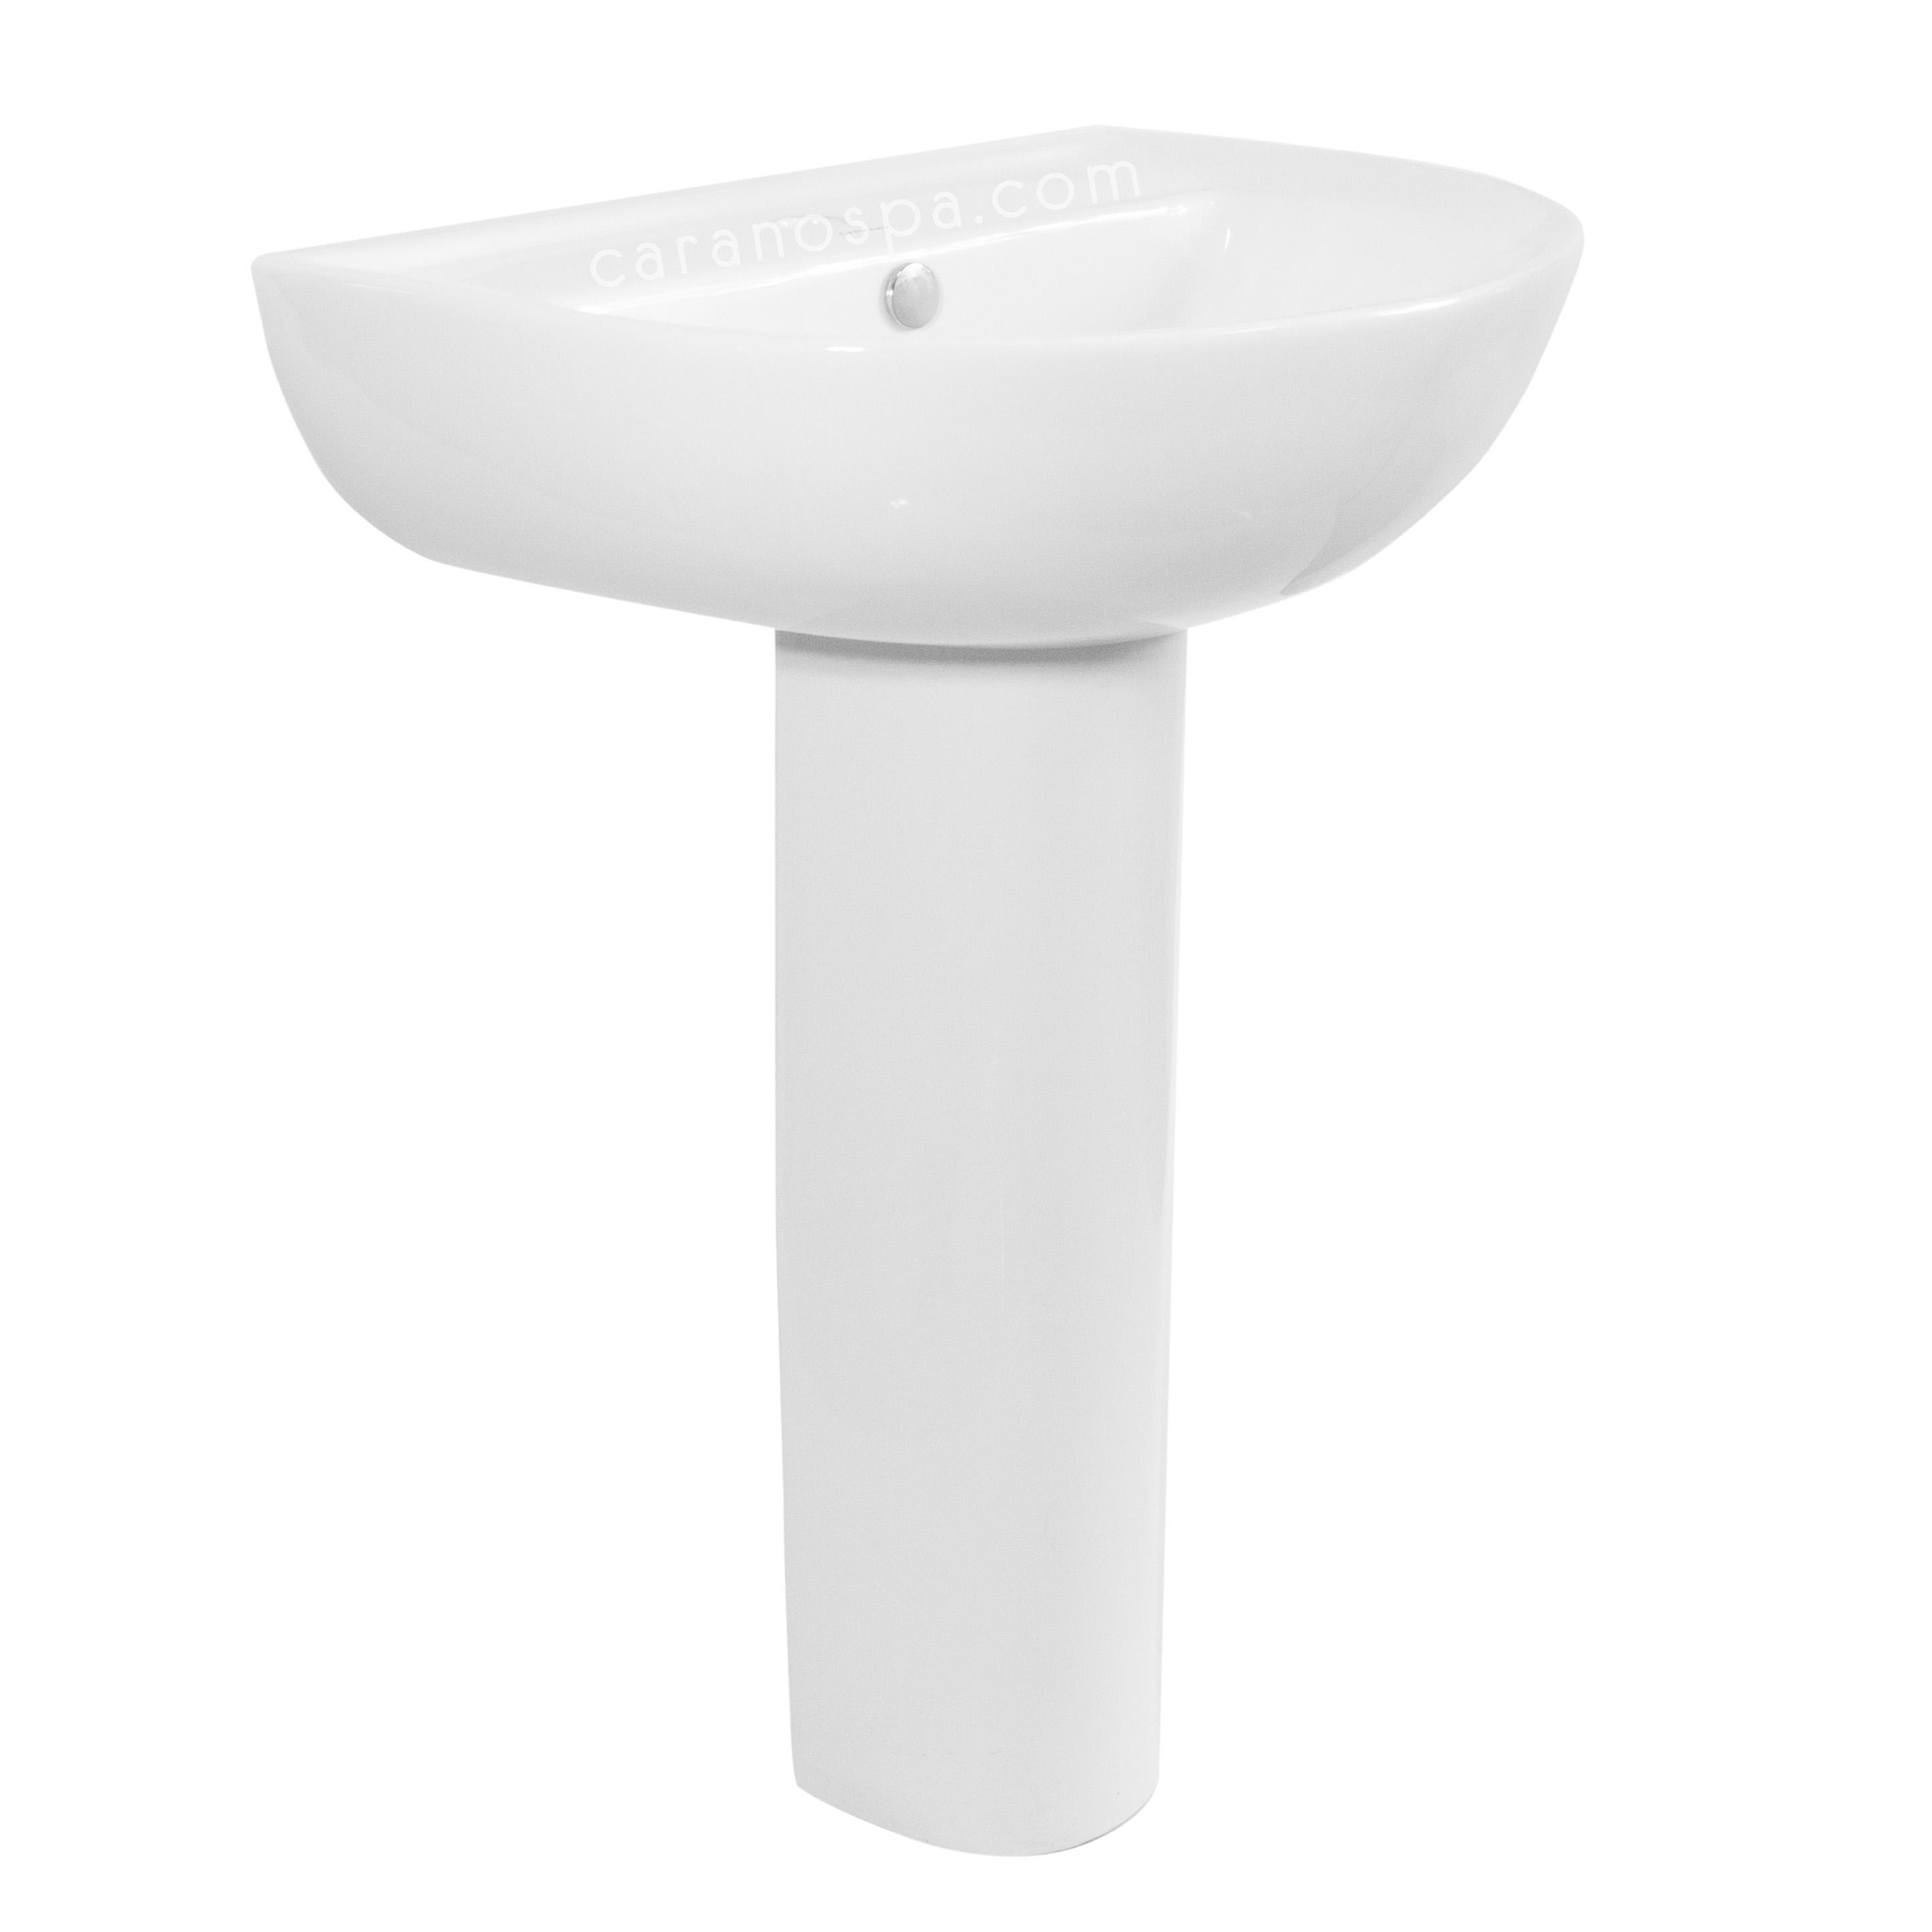 CHẬU RỬA CARANO CHÂN DÀI K48B (lavabo model: K48B)